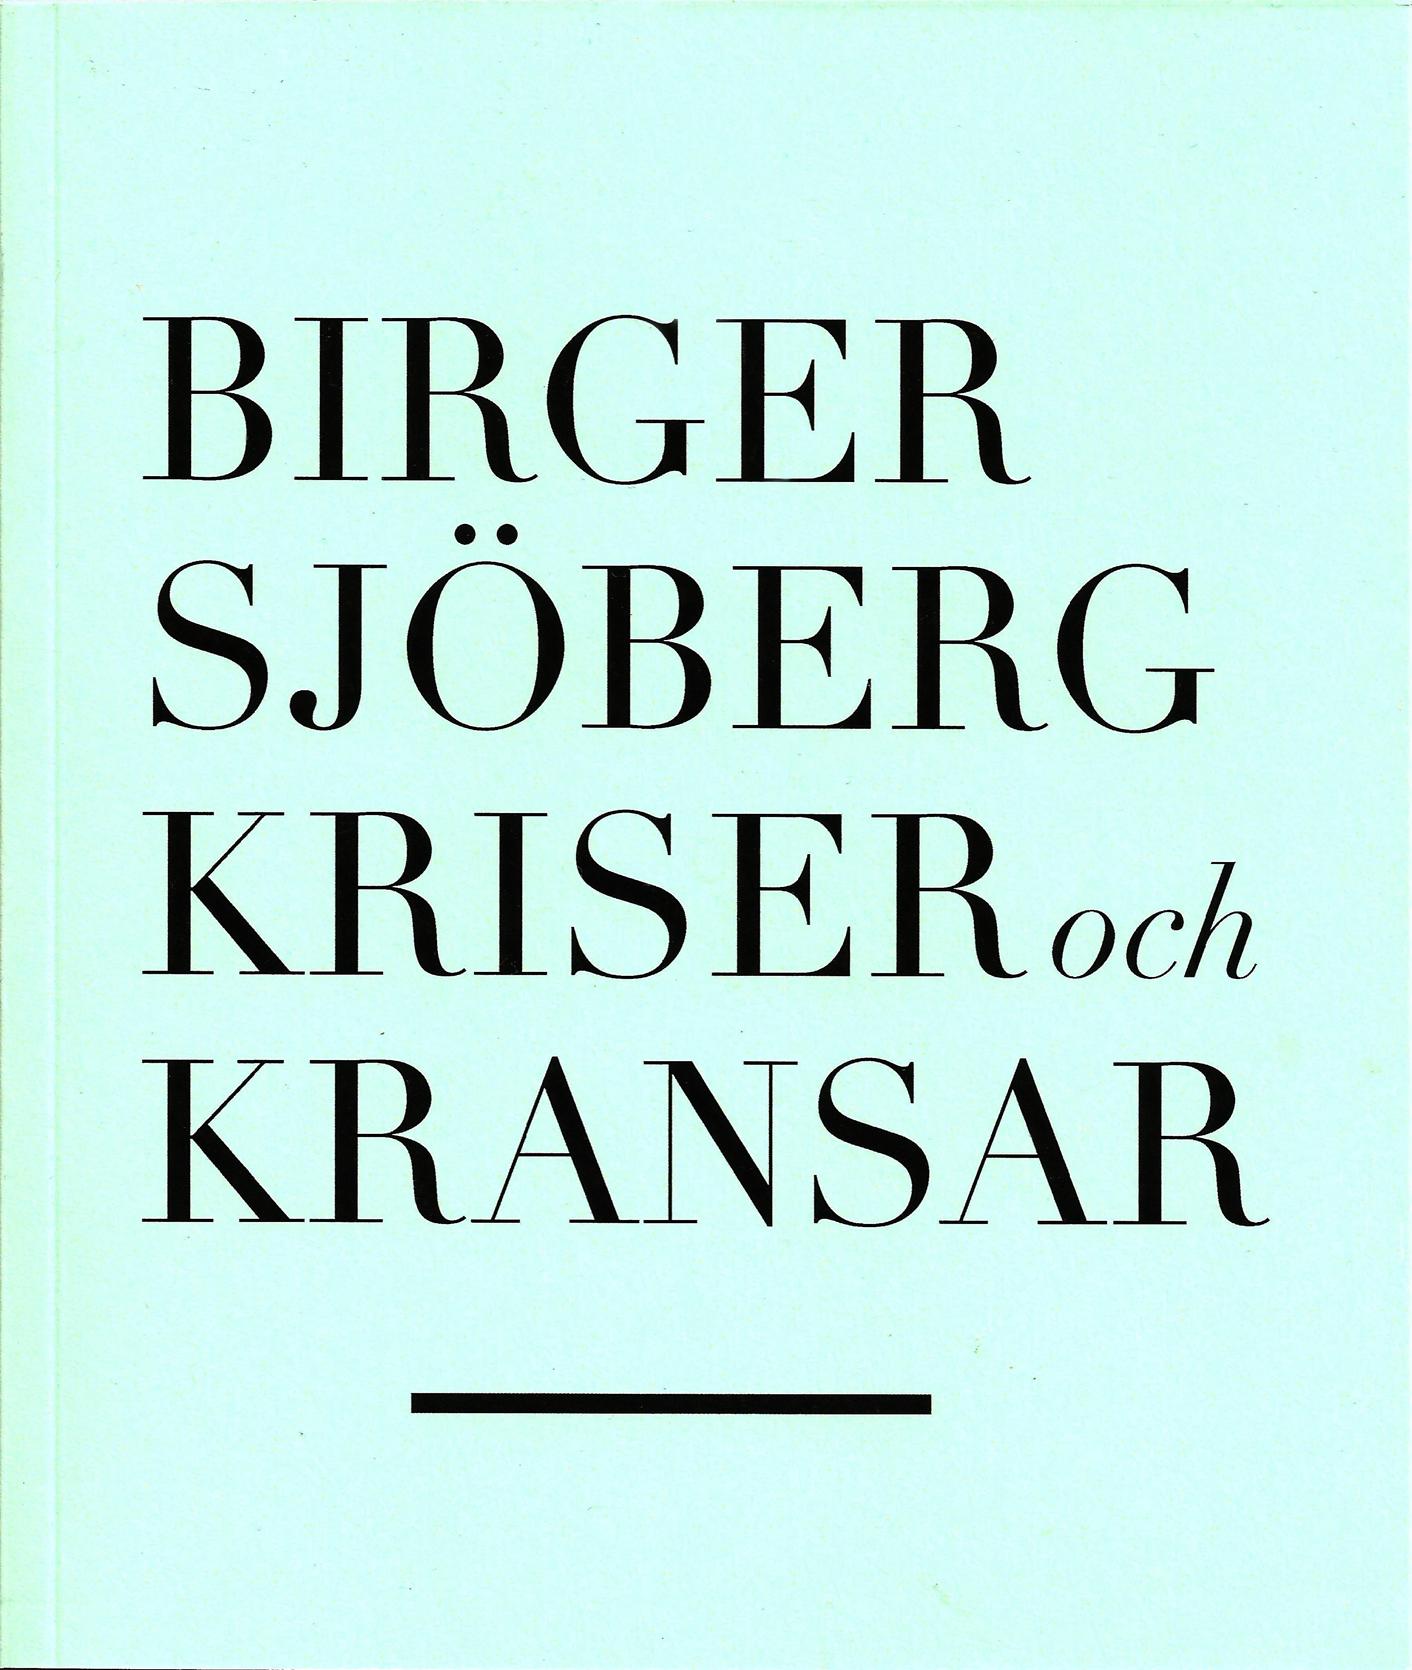 Kriser och kransar av Birger Sjöberg